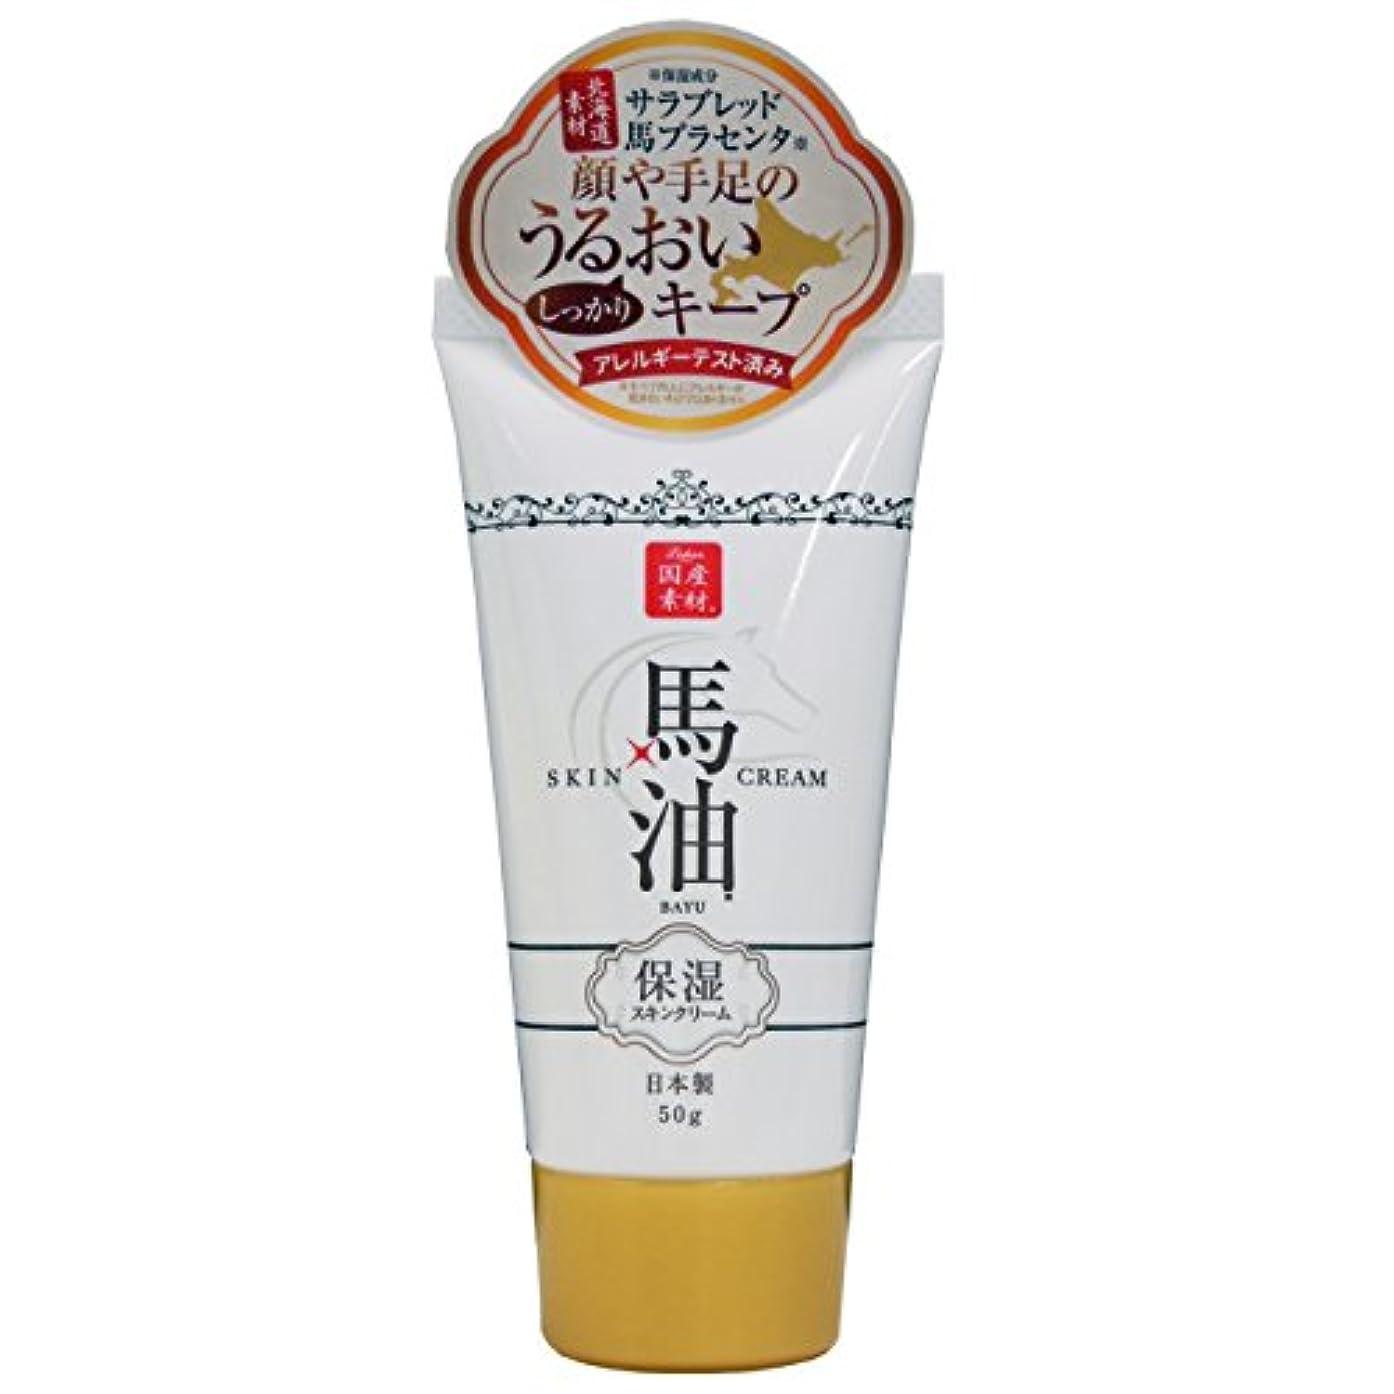 乱闘初期ハンドブックリシャン 馬油スキンクリーム ミニ (さくらの香り) 50g